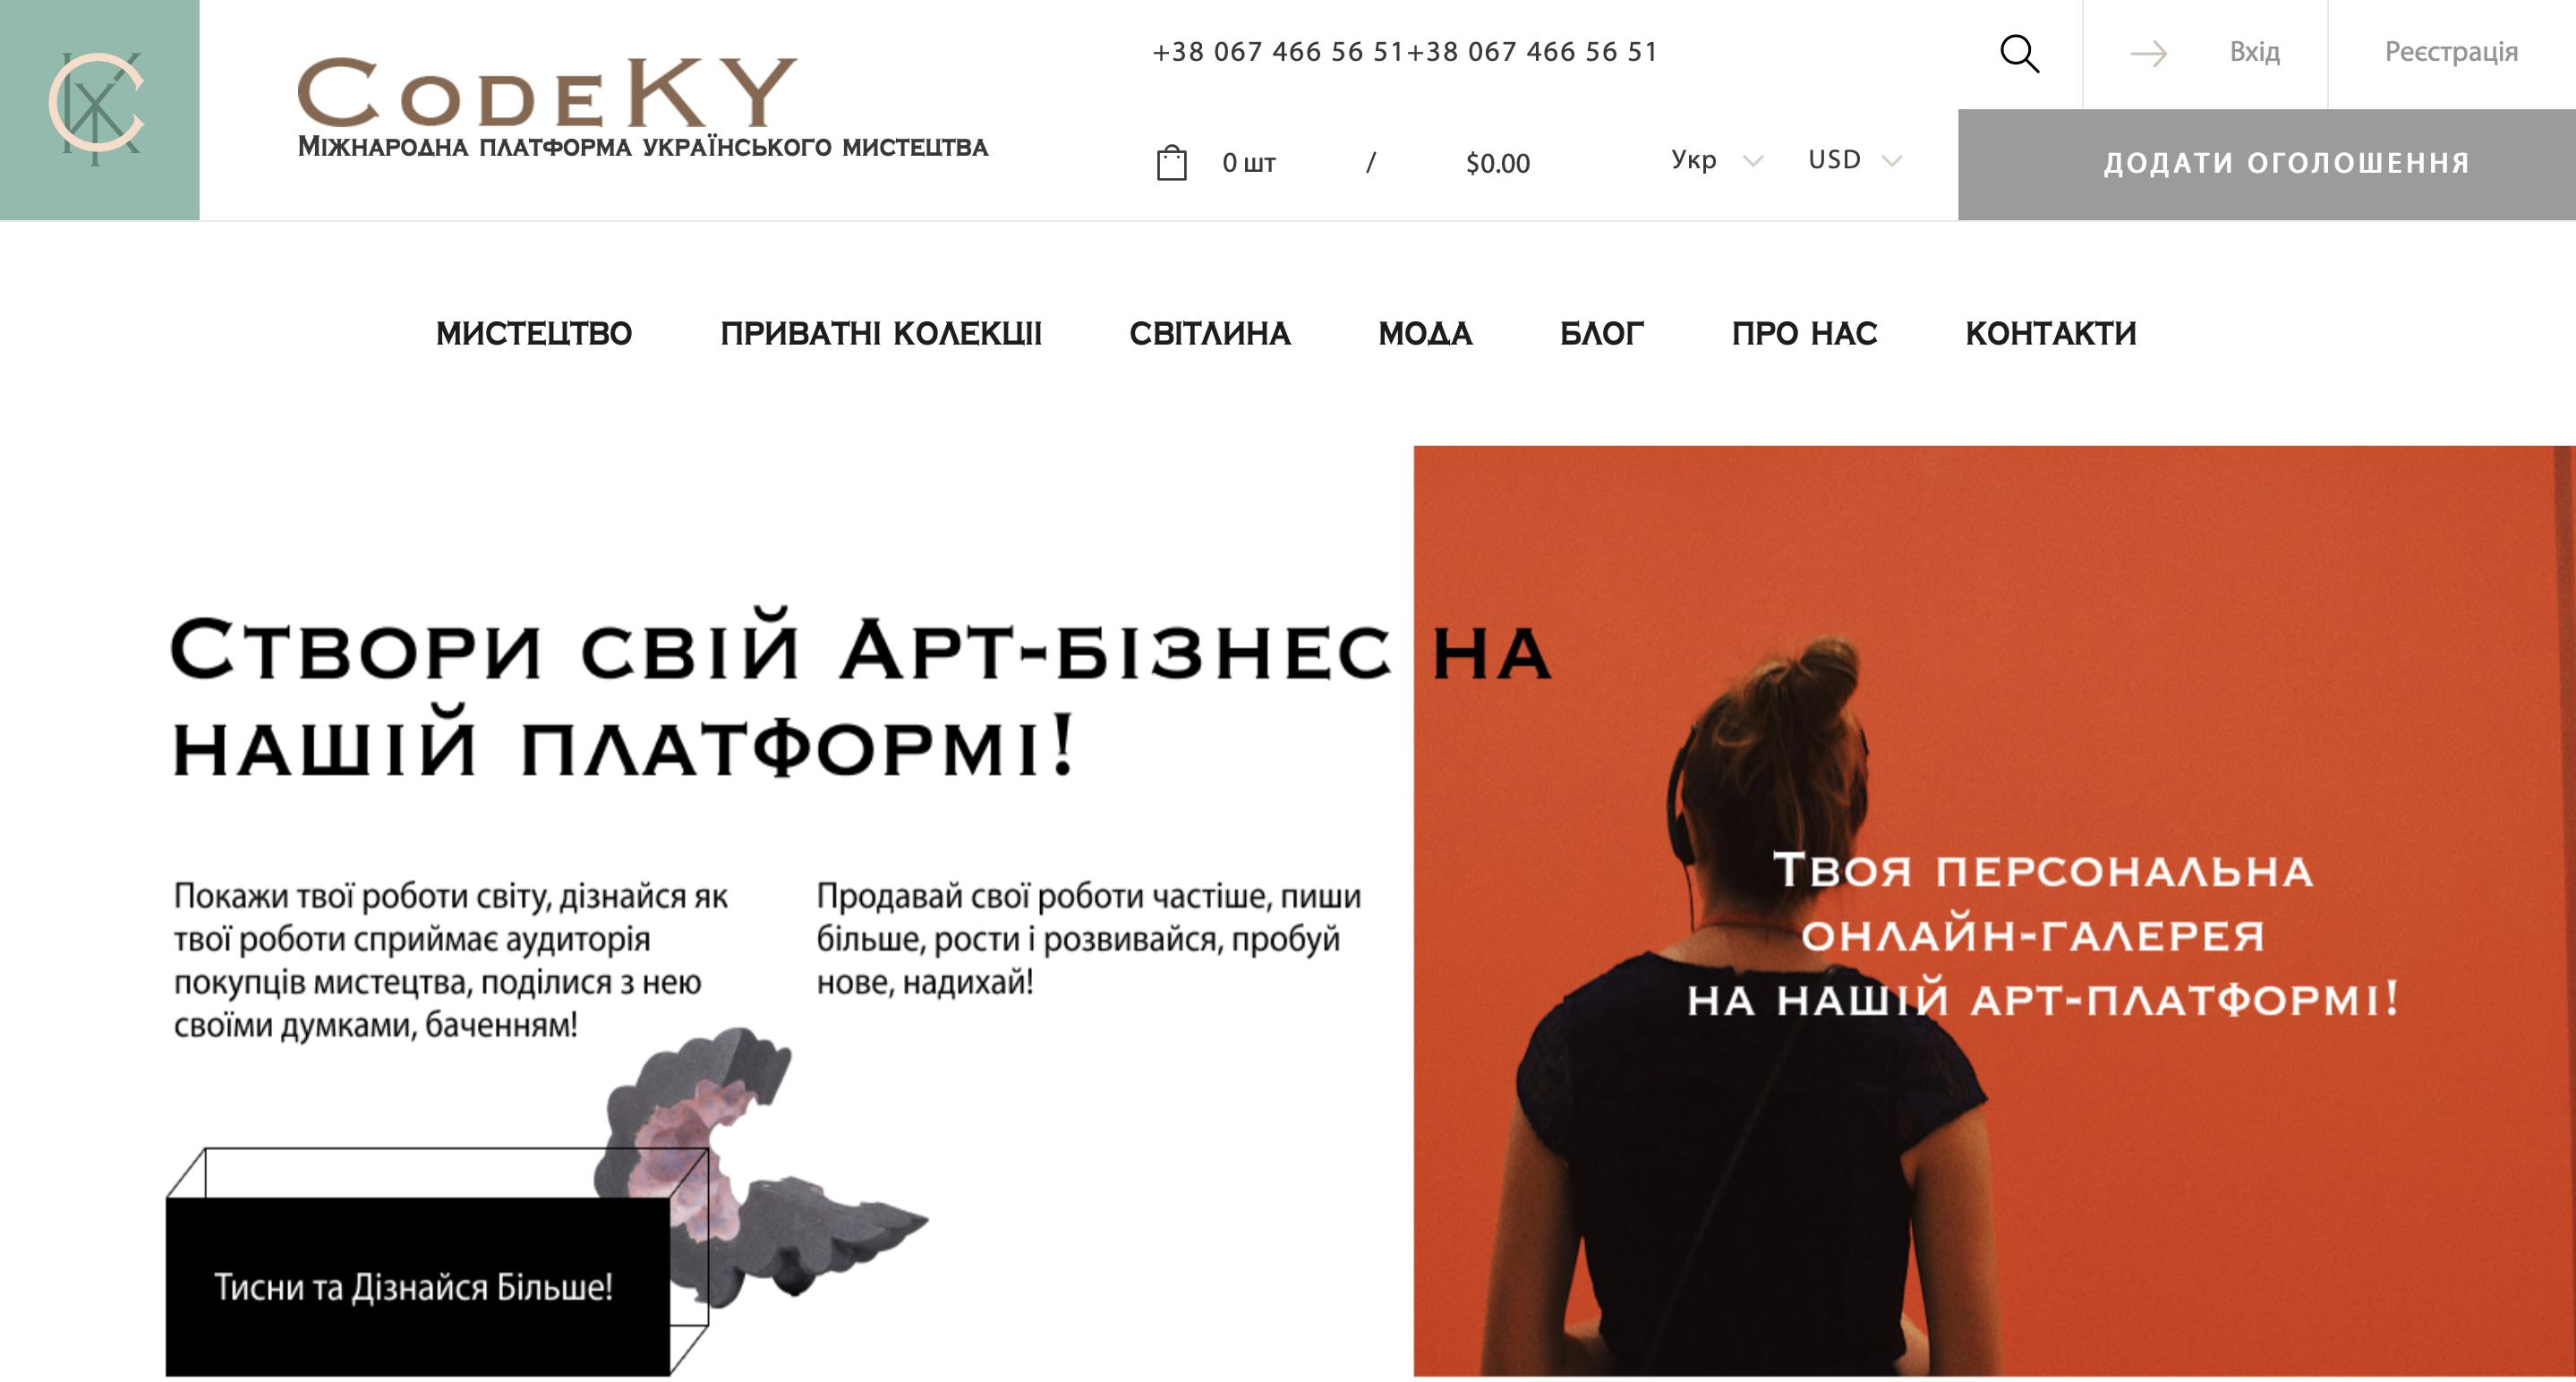 В Україні створили унікальний маркетплейс сучасного мистецтва CODEKY.ART